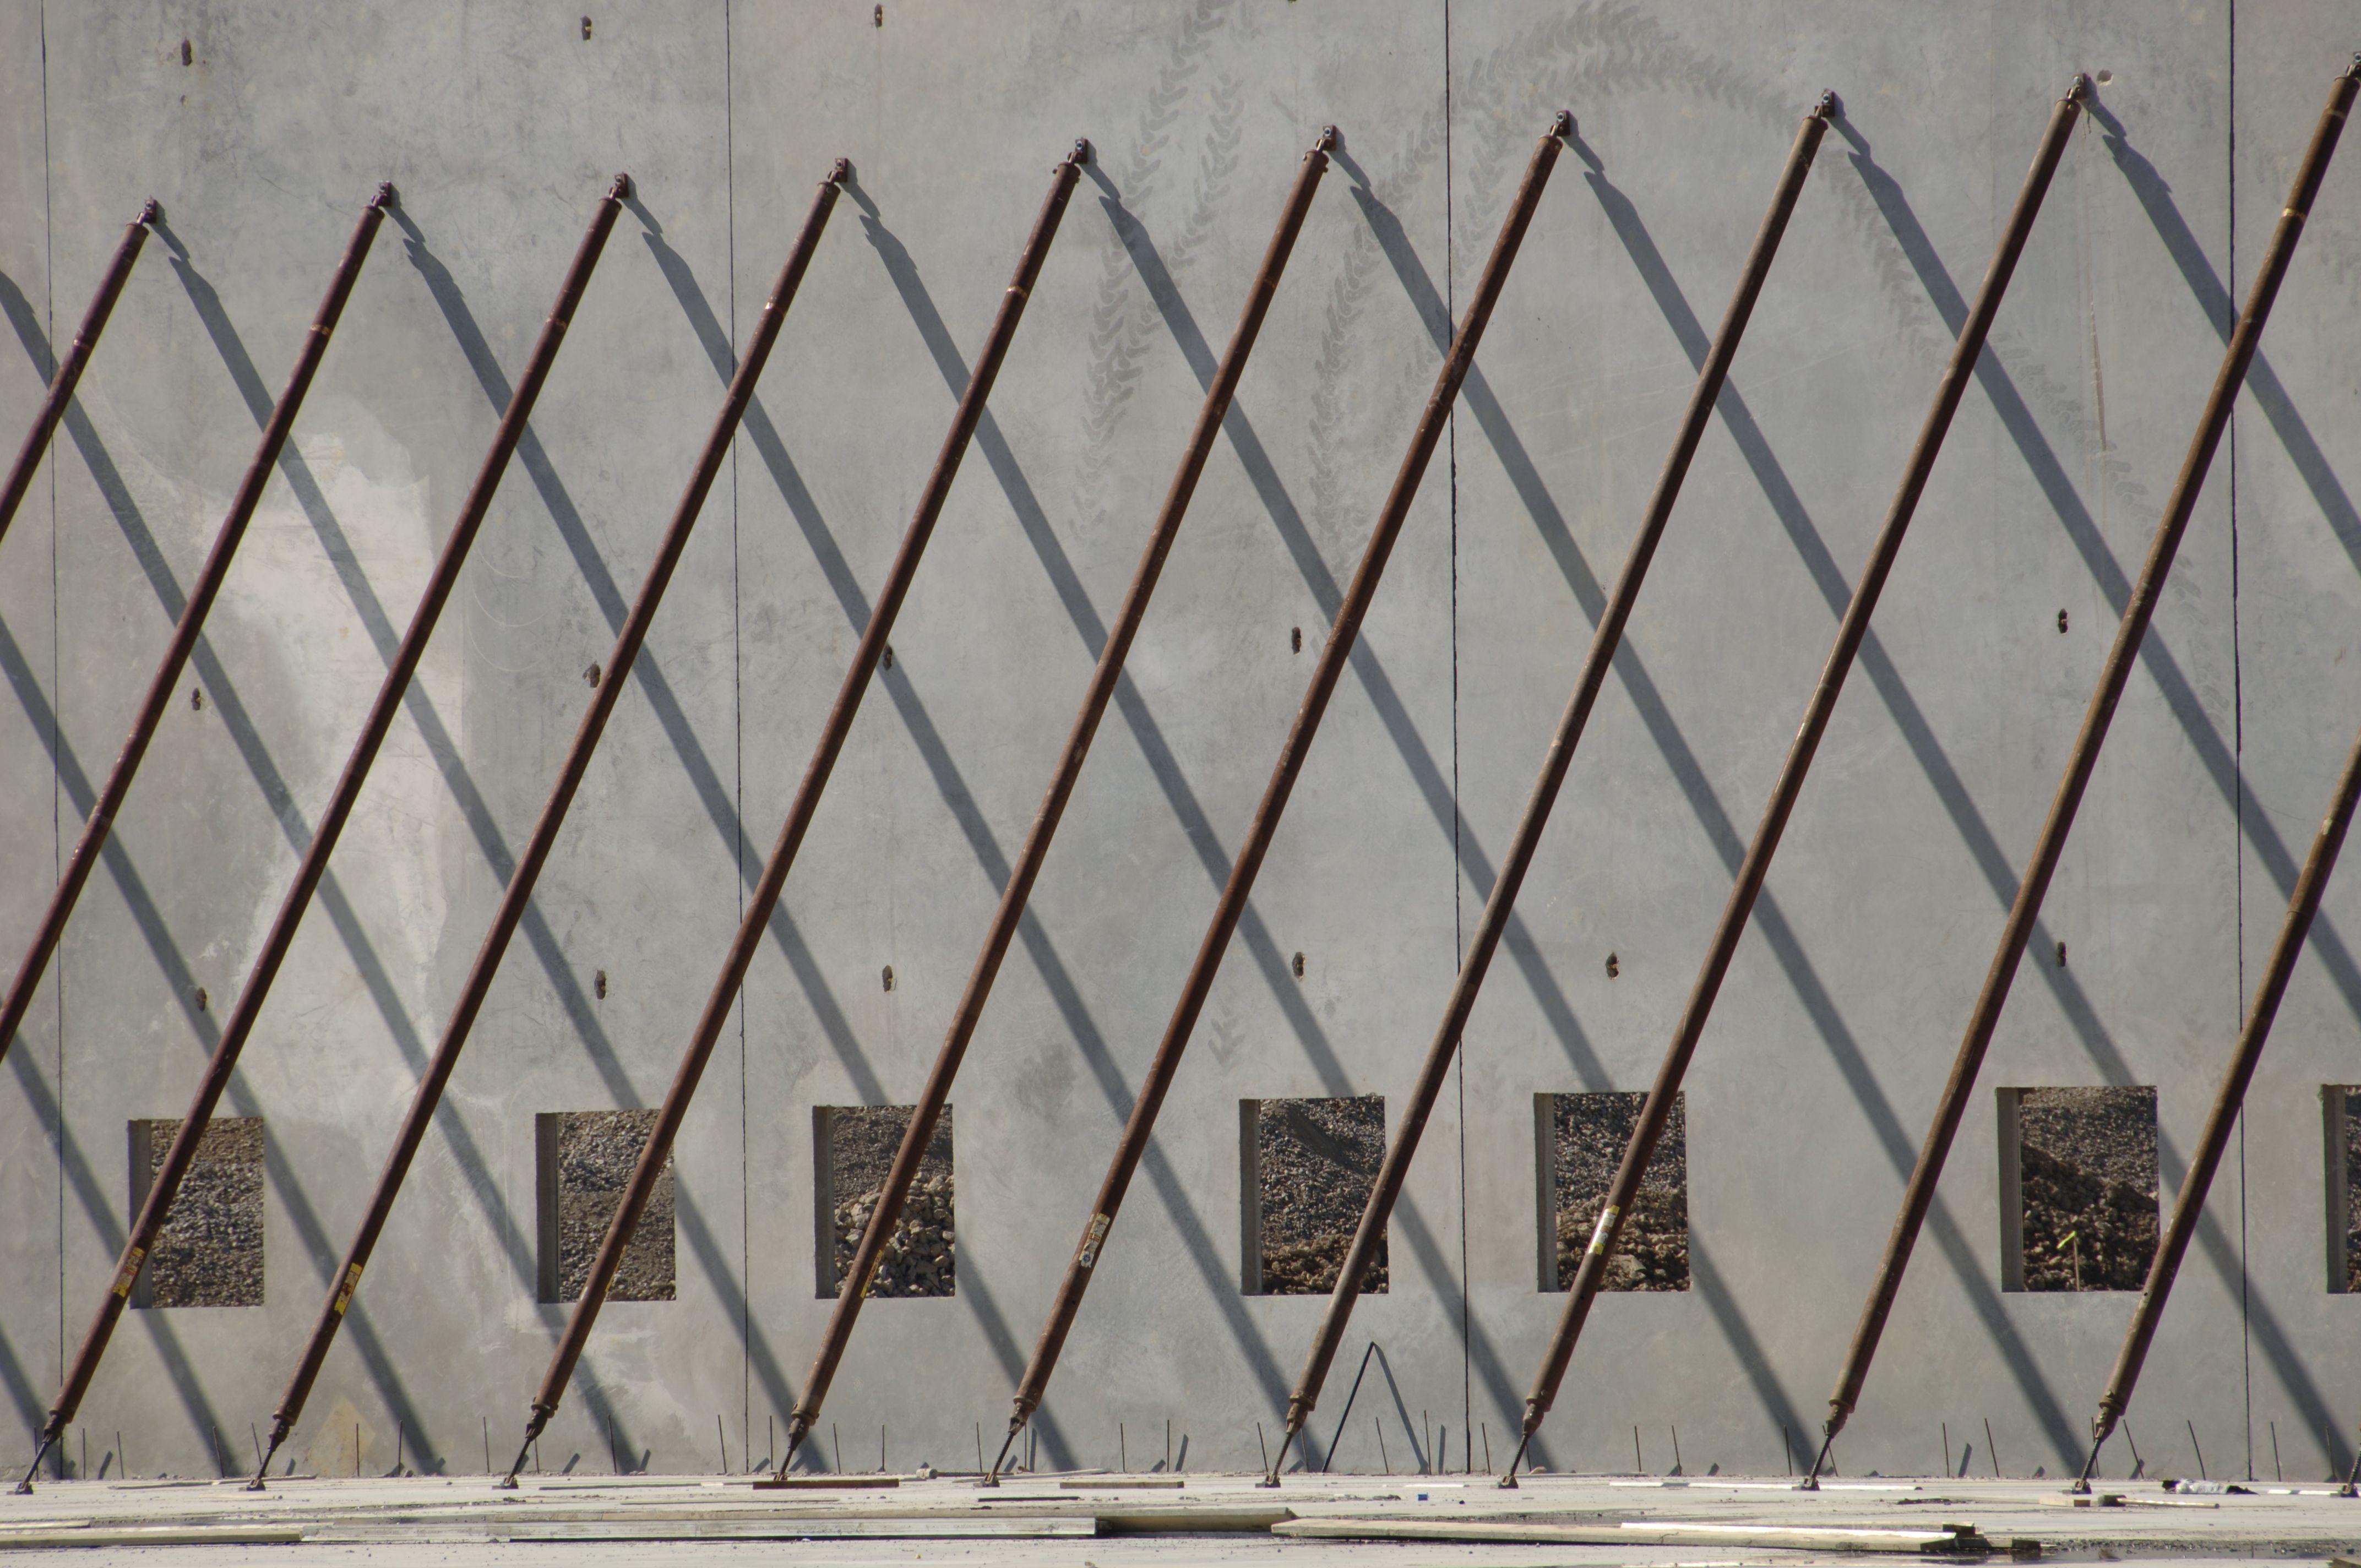 Construction design/build